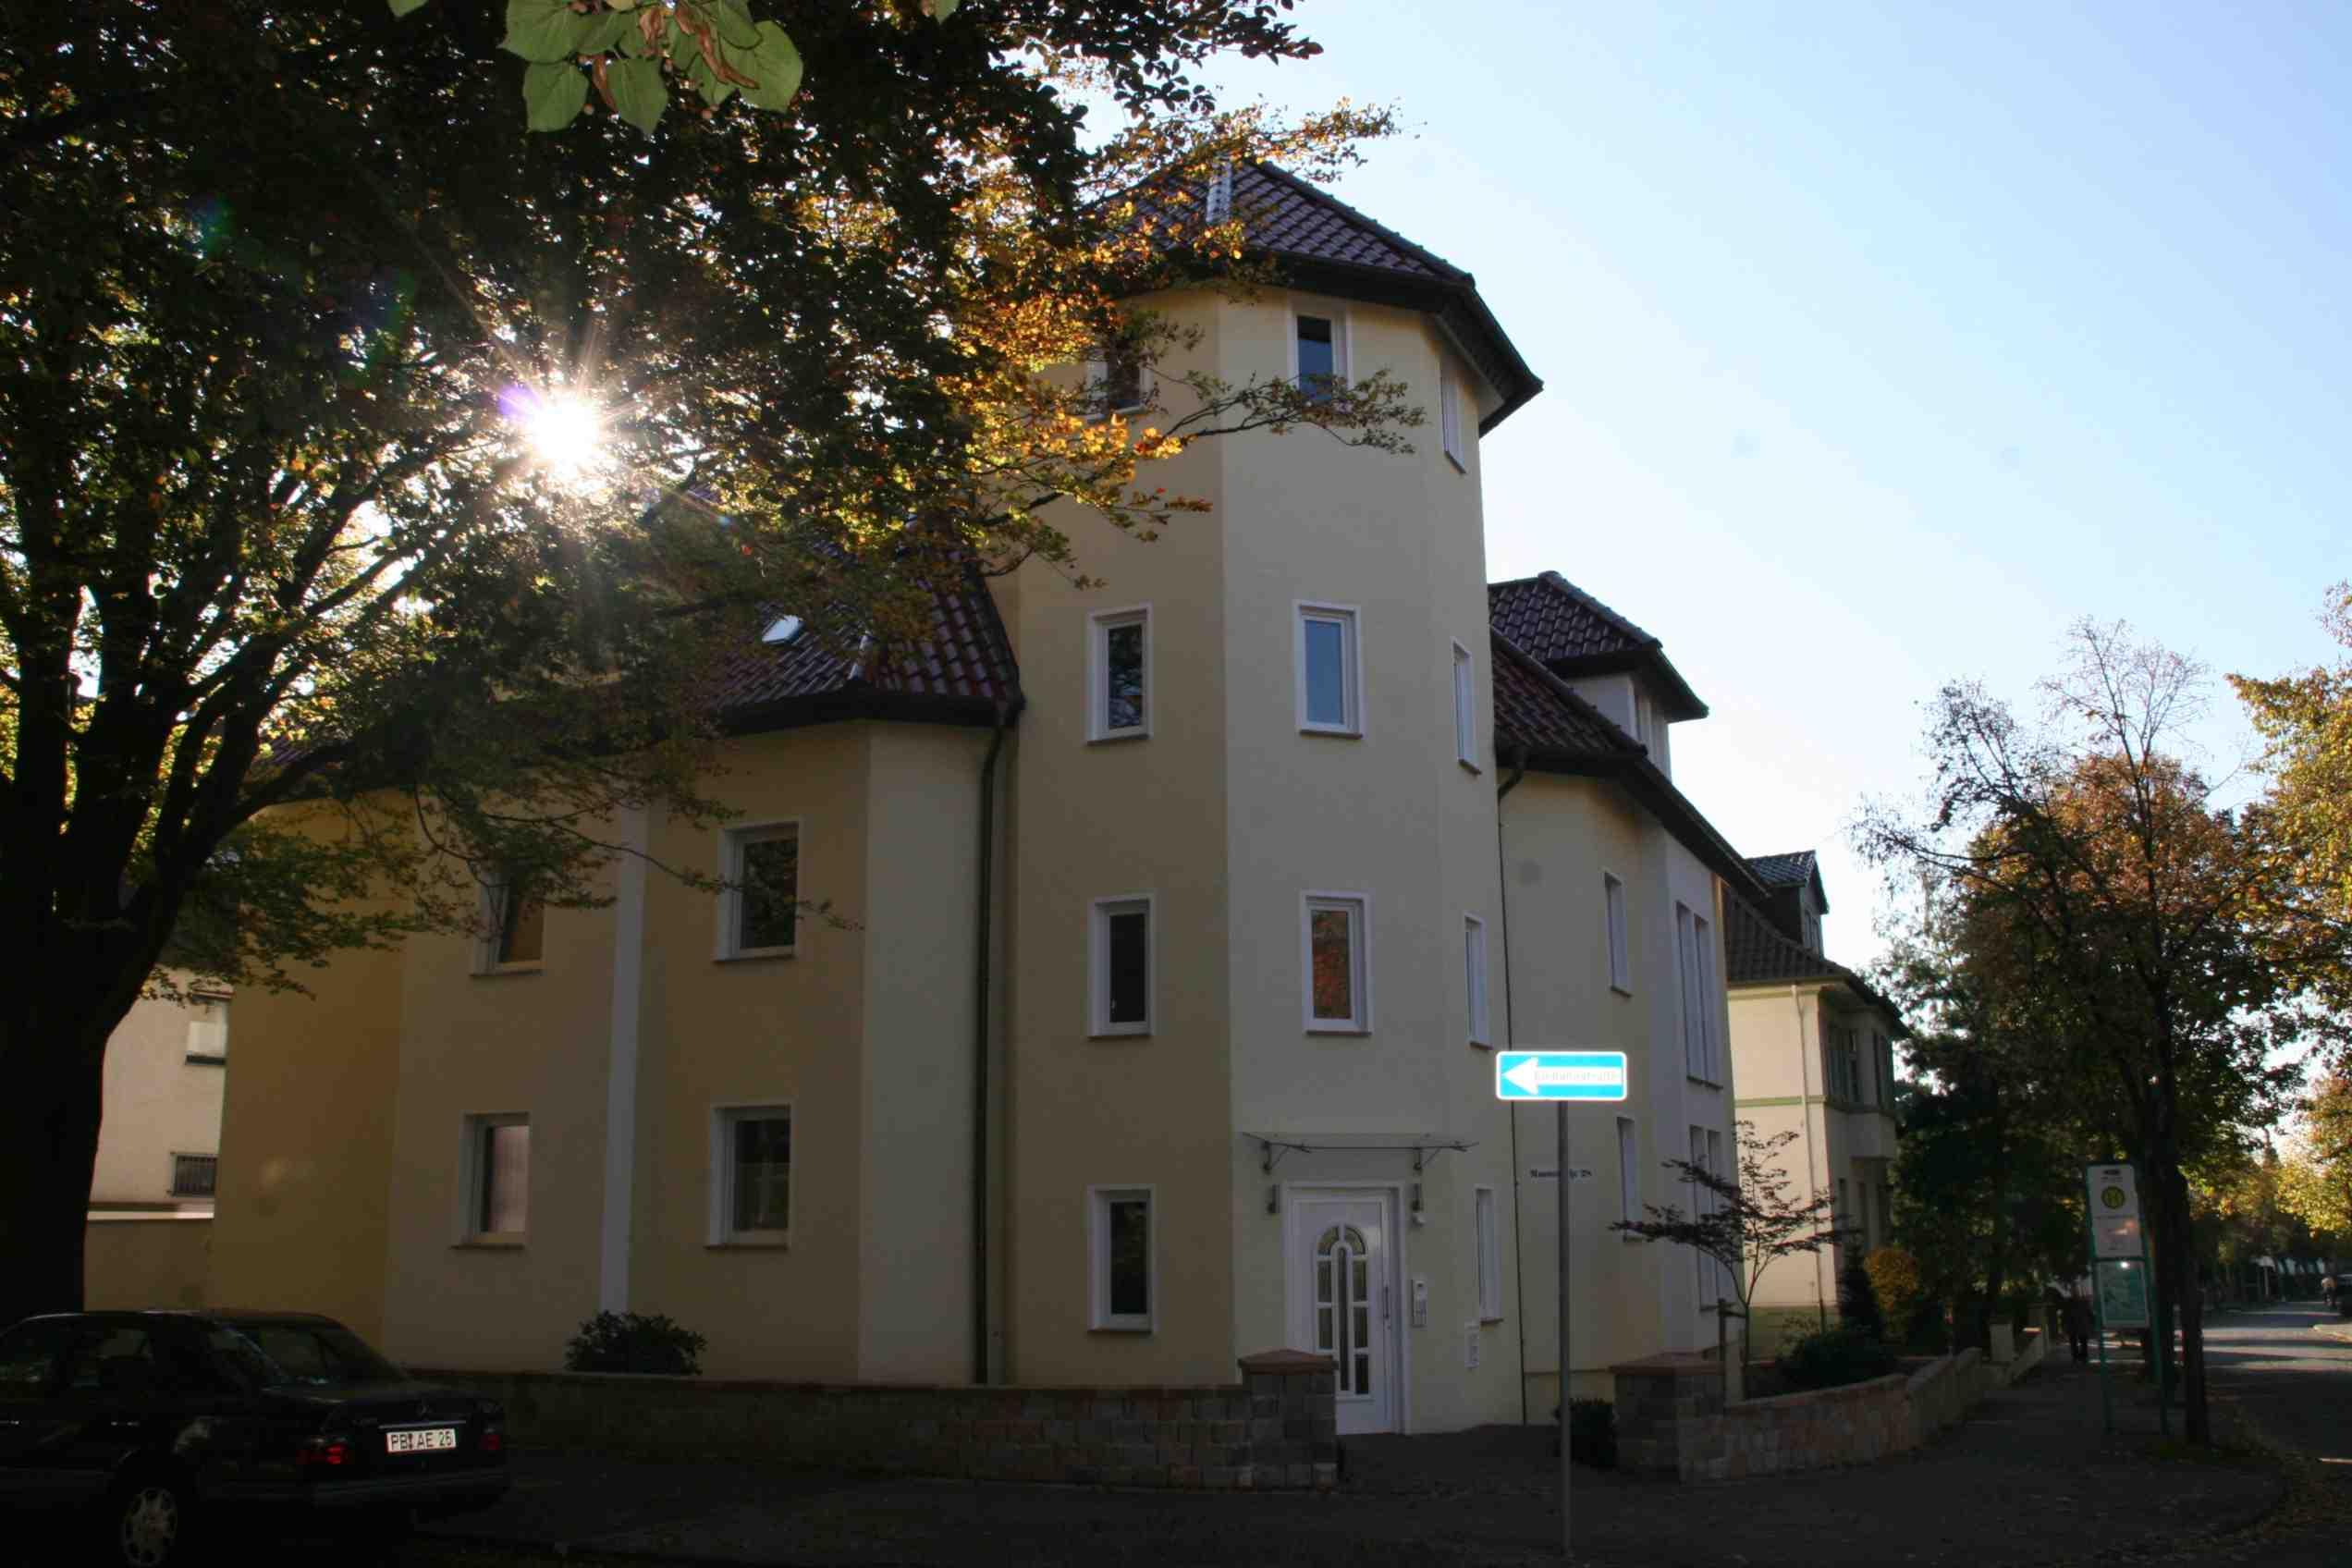 Architekt Bad Salzuflen architekt und sachverständiger roland murschall